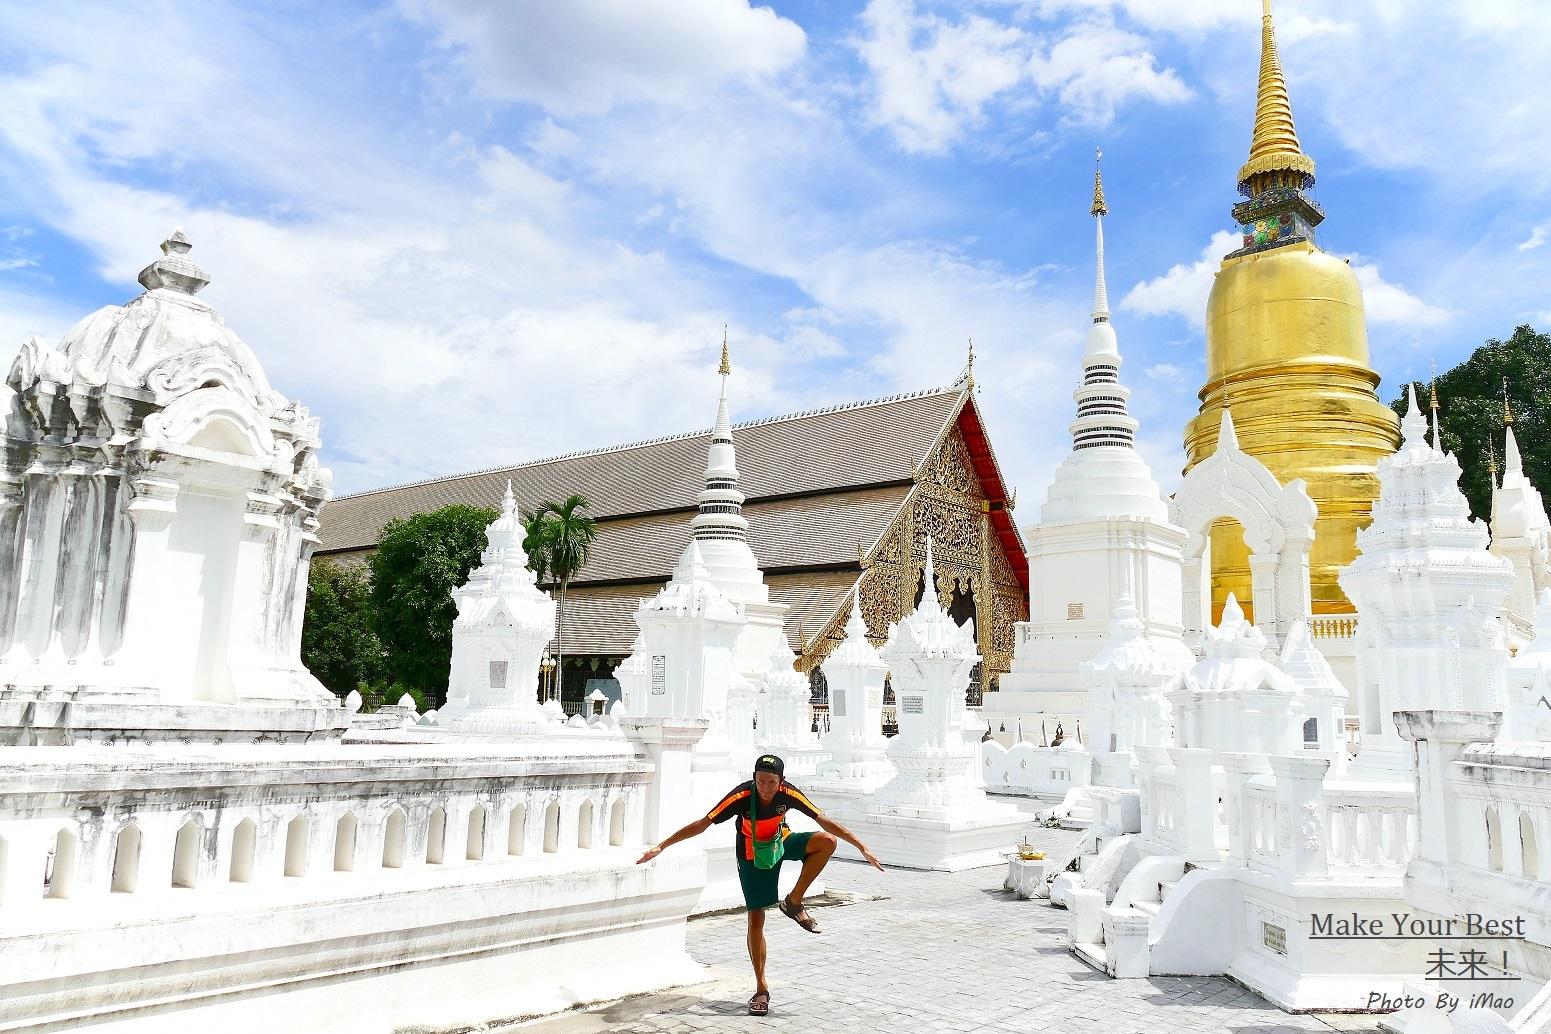 【男性ブログ】東南アジアをバックパッカーとして一人旅!のちにチェンマイ移住1